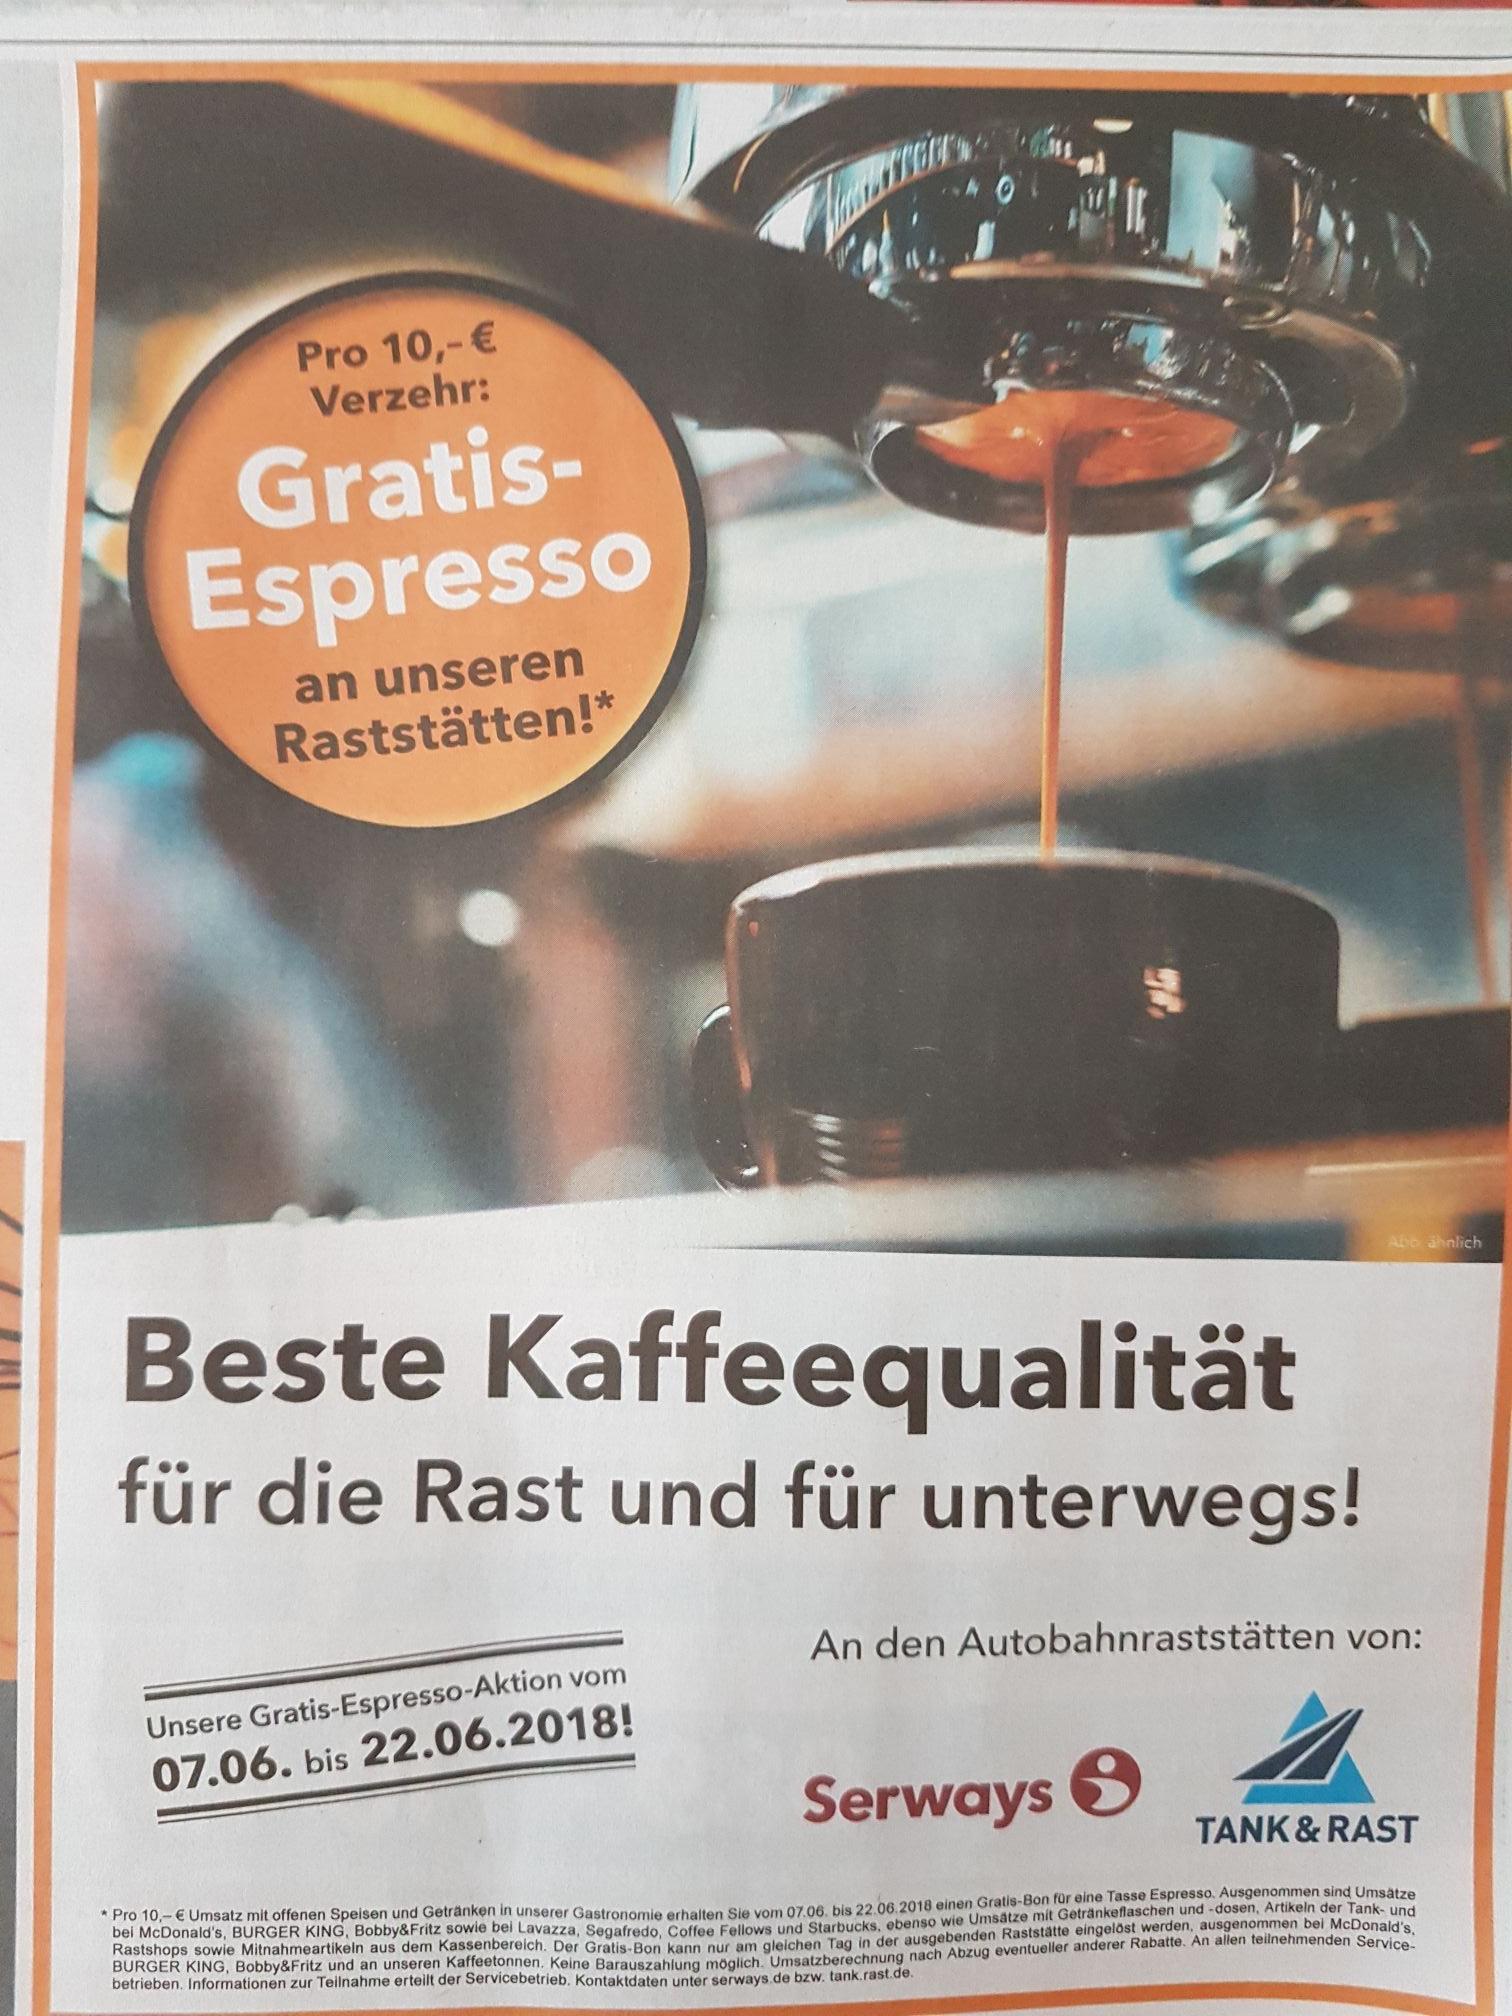 Gratis Espresso bei Serways/Tank&Rast ab 10 Euro Verzehr